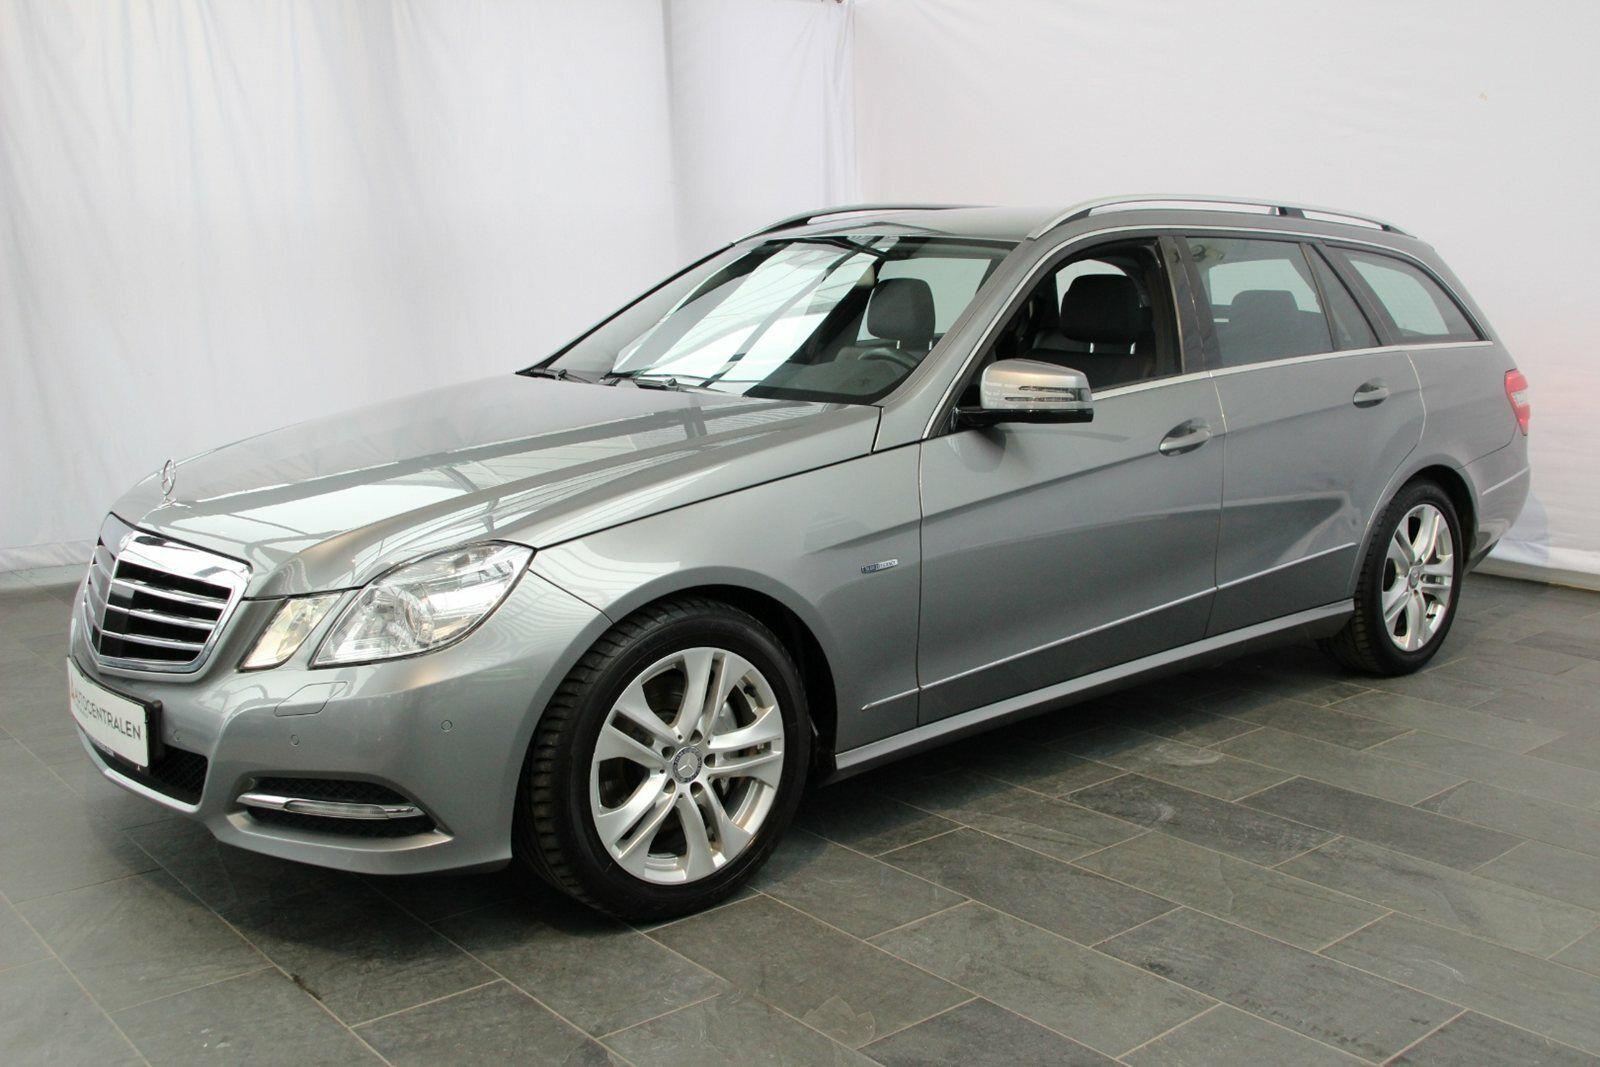 Mercedes E350 3,0 CDi Avantgarde stc. aut. BE 5d - 289.900 kr.